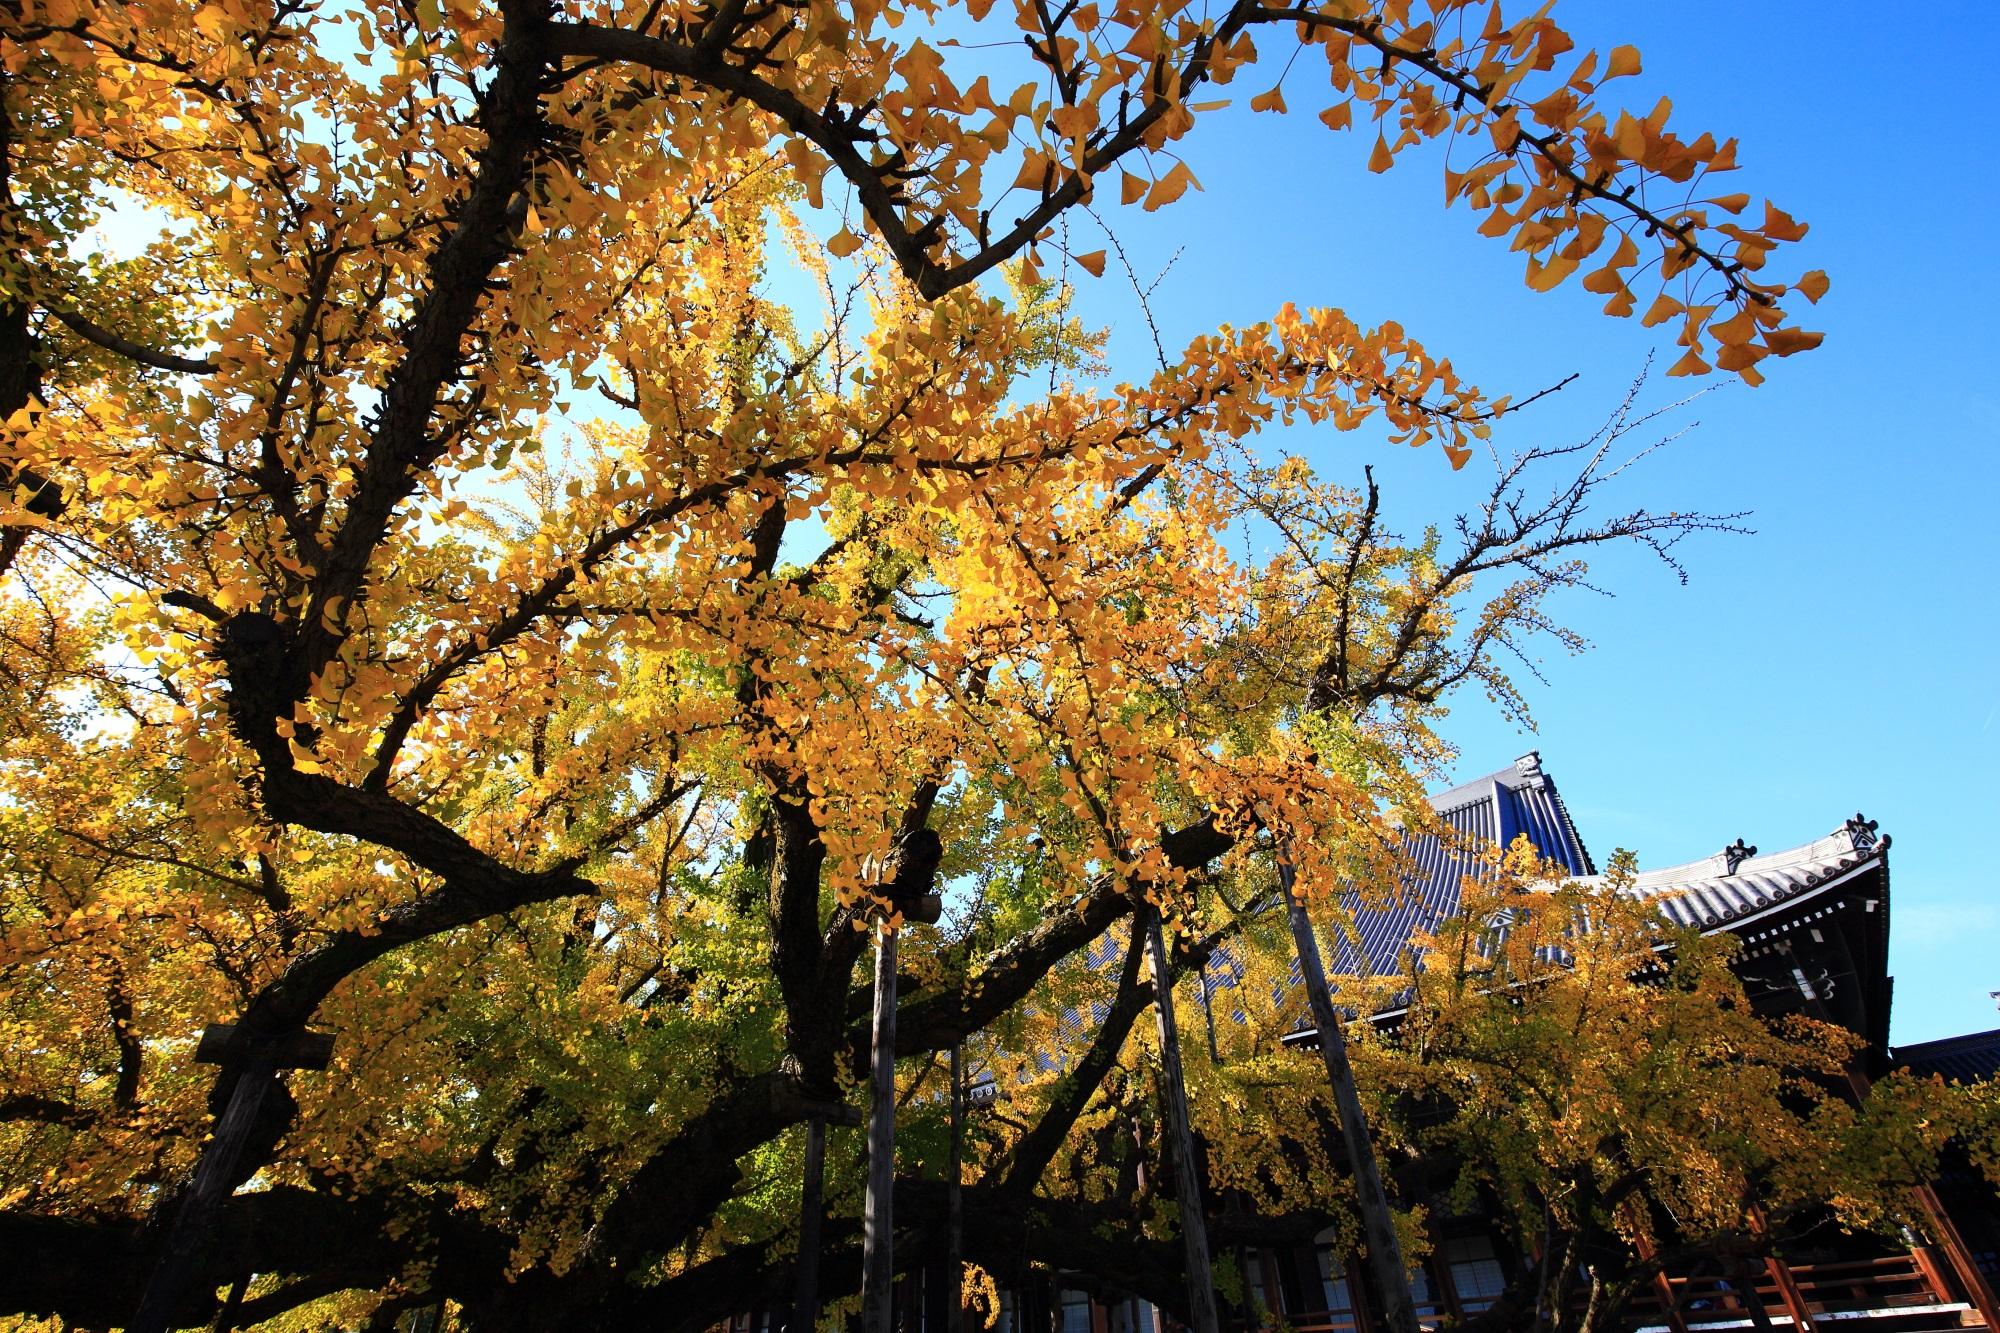 西本願寺の御影堂と大きな水吹き銀杏